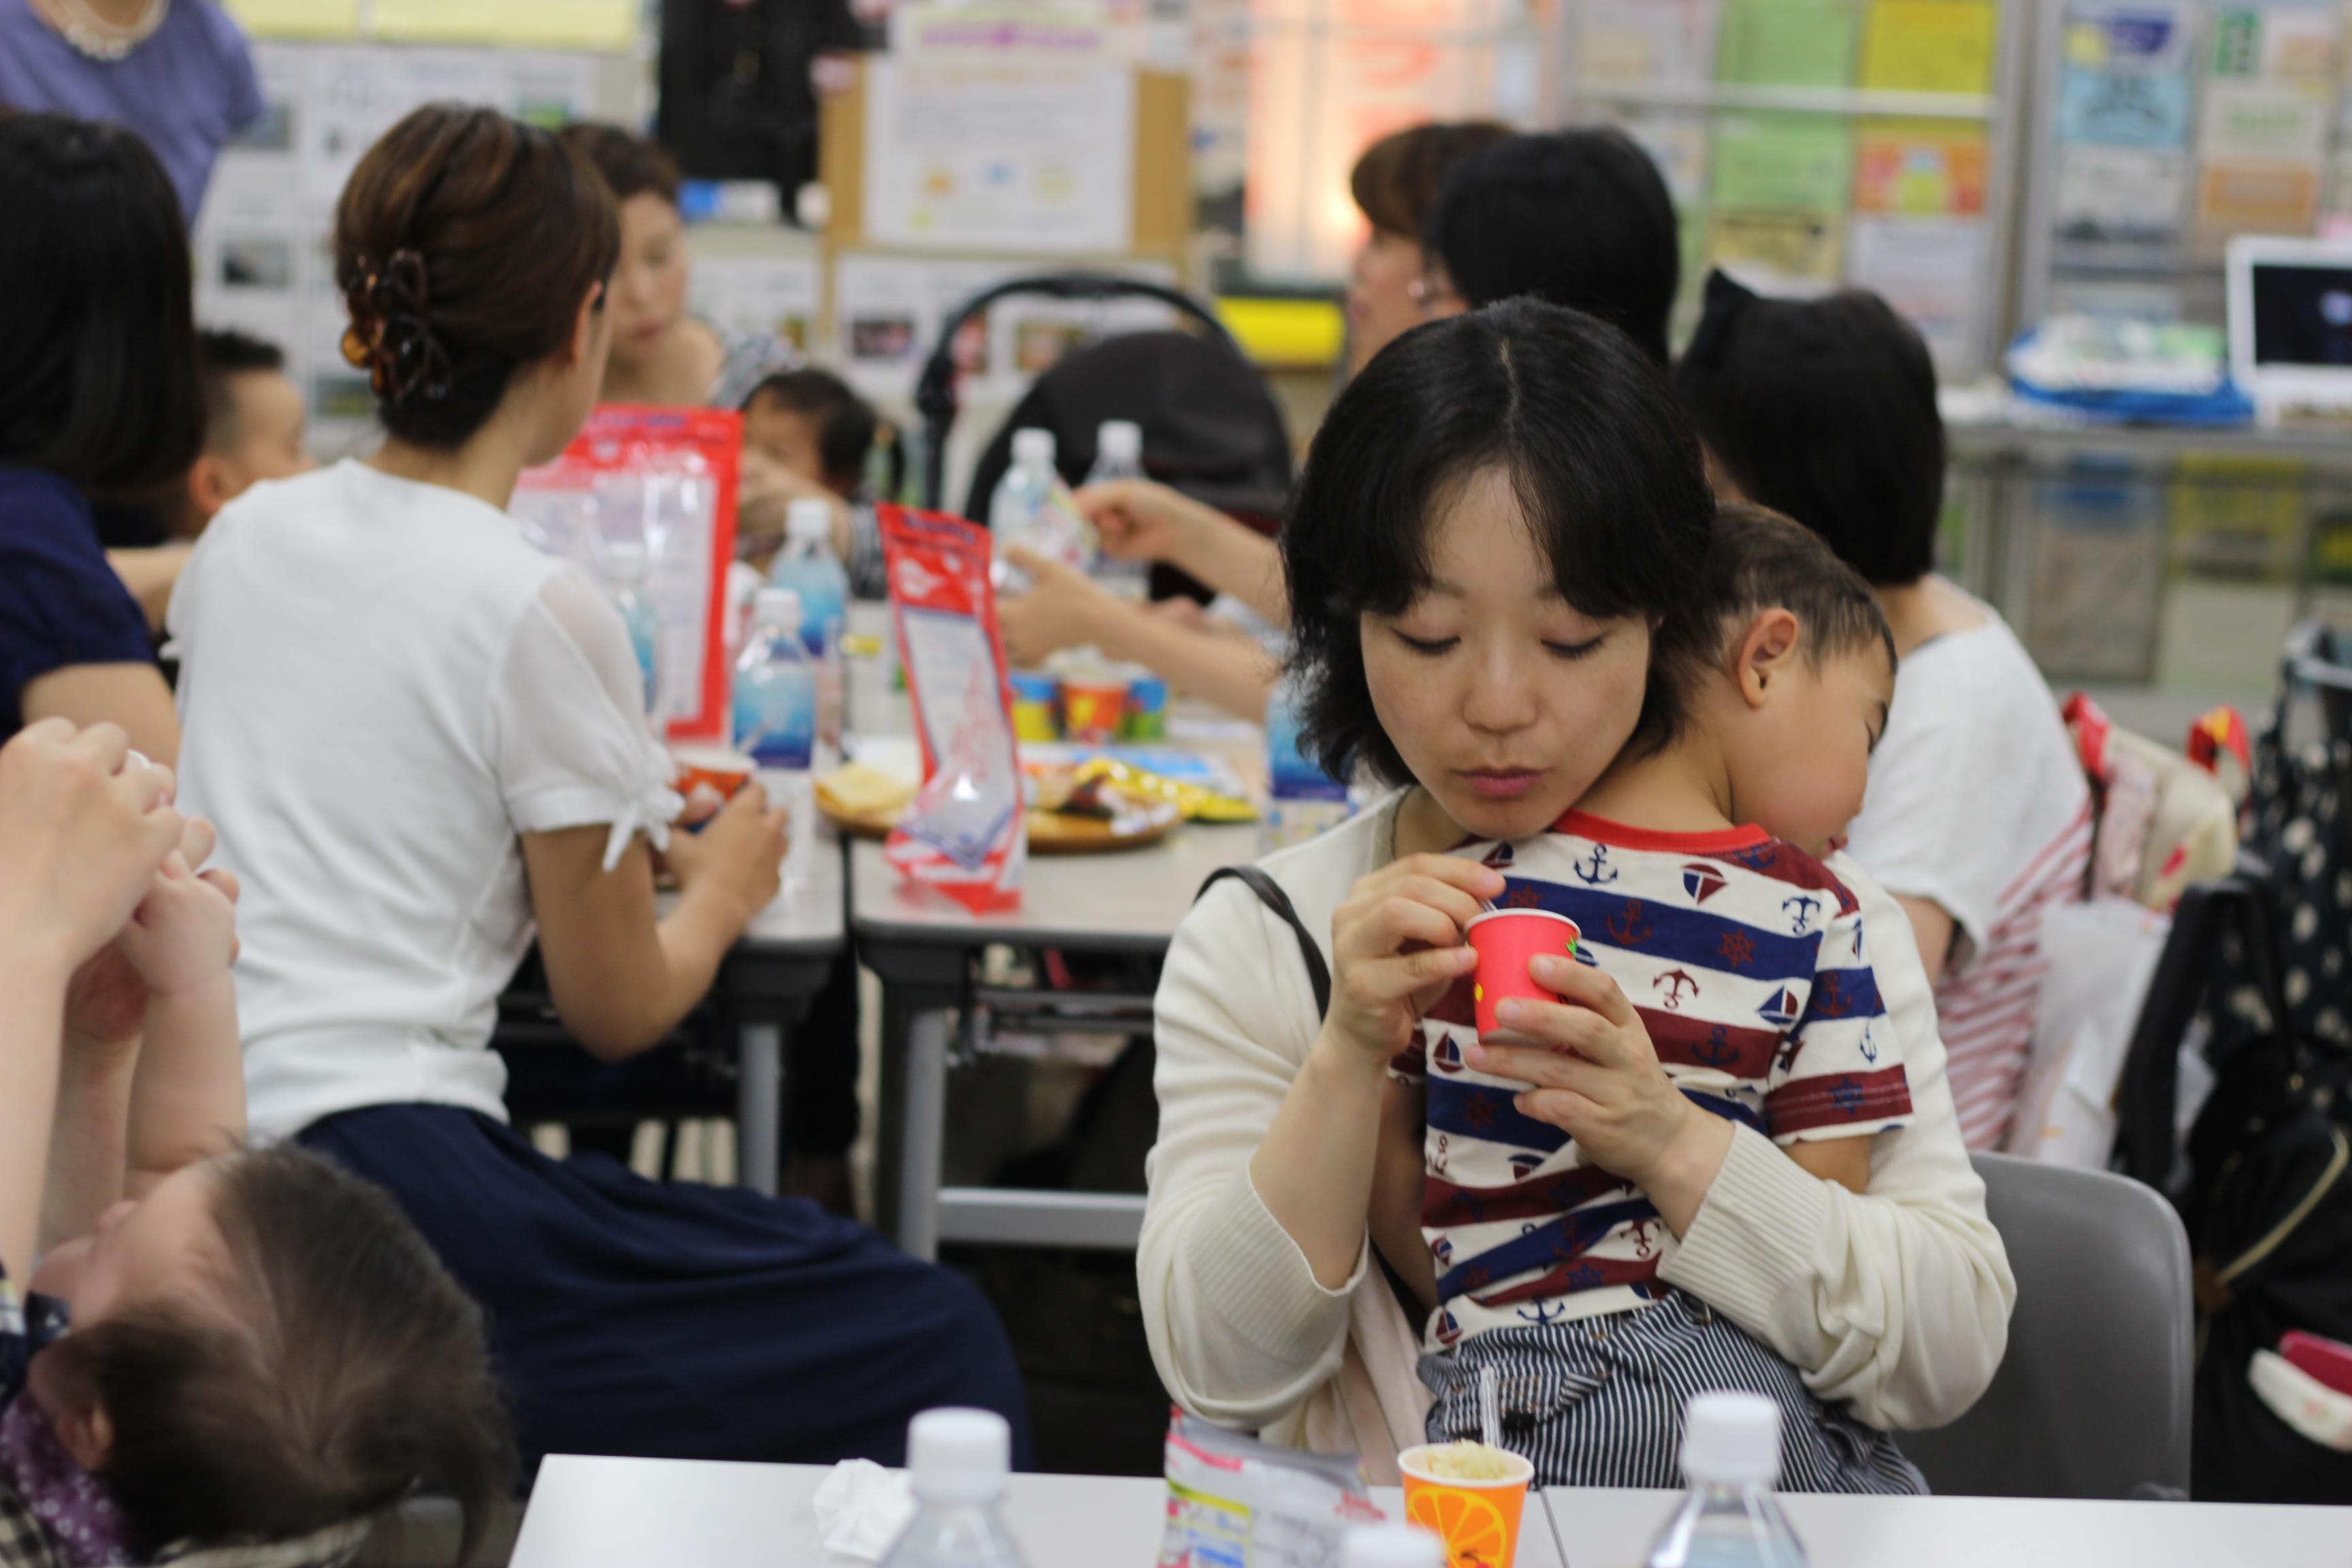 【防災ママカフェ】子どもの命を守るママになる!防災ママセミナー @防災ママかきつばた